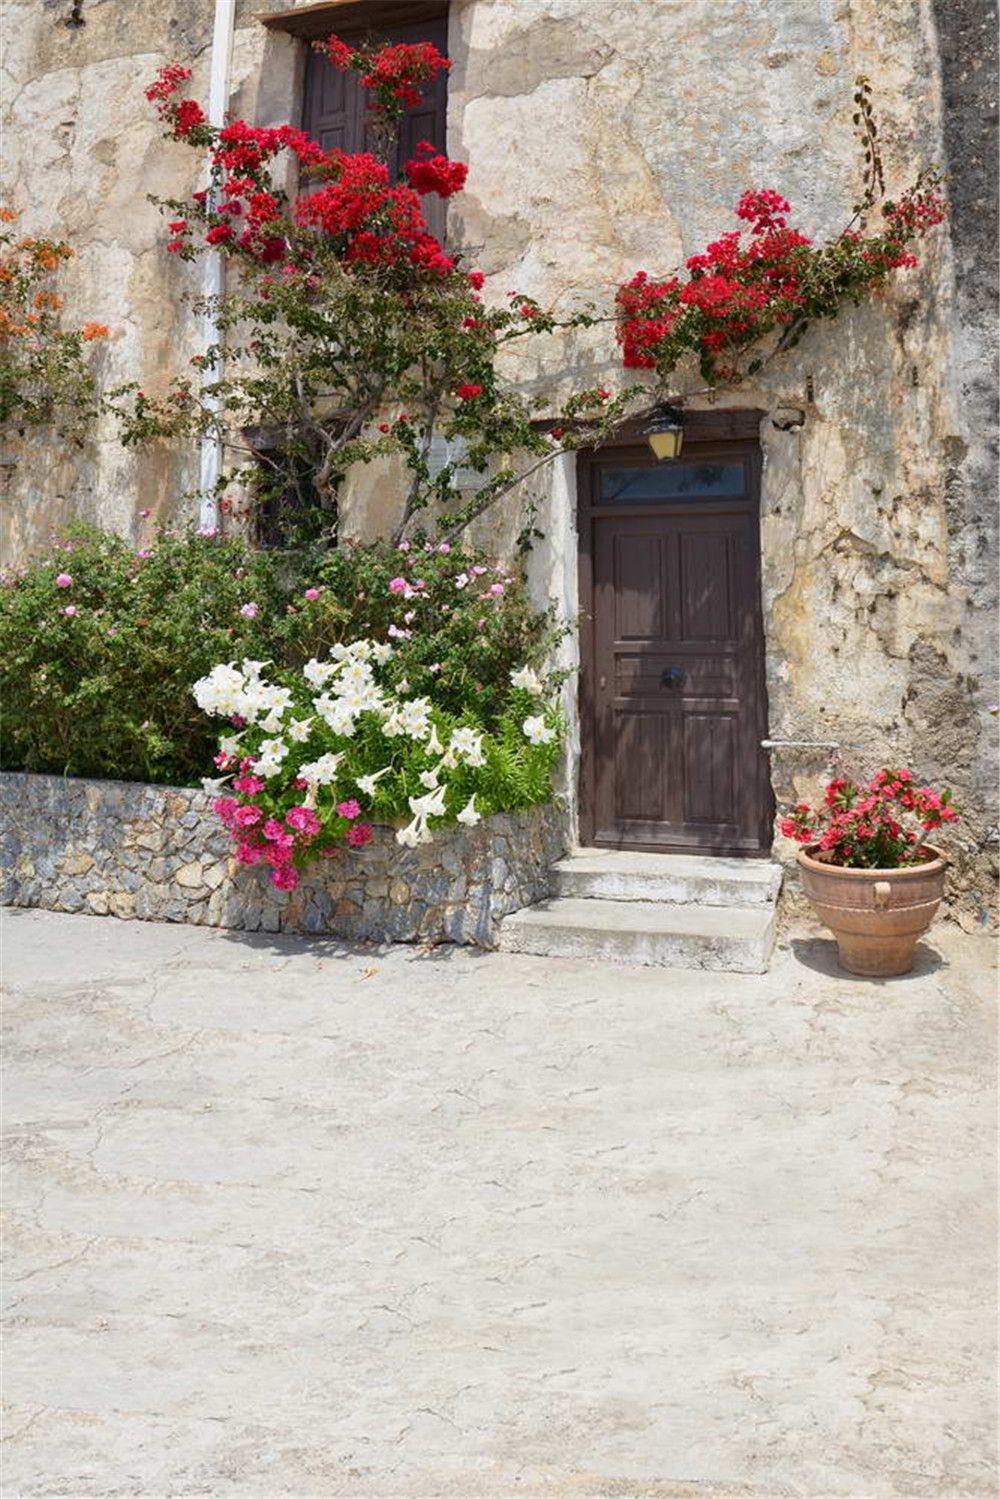 البيت القديم خمر باب خشبي الفينيل خلفية للتصوير الأحمر الأبيض الوردي الزهور خارج الخلابة الزفاف صورة التقطت الخلفية